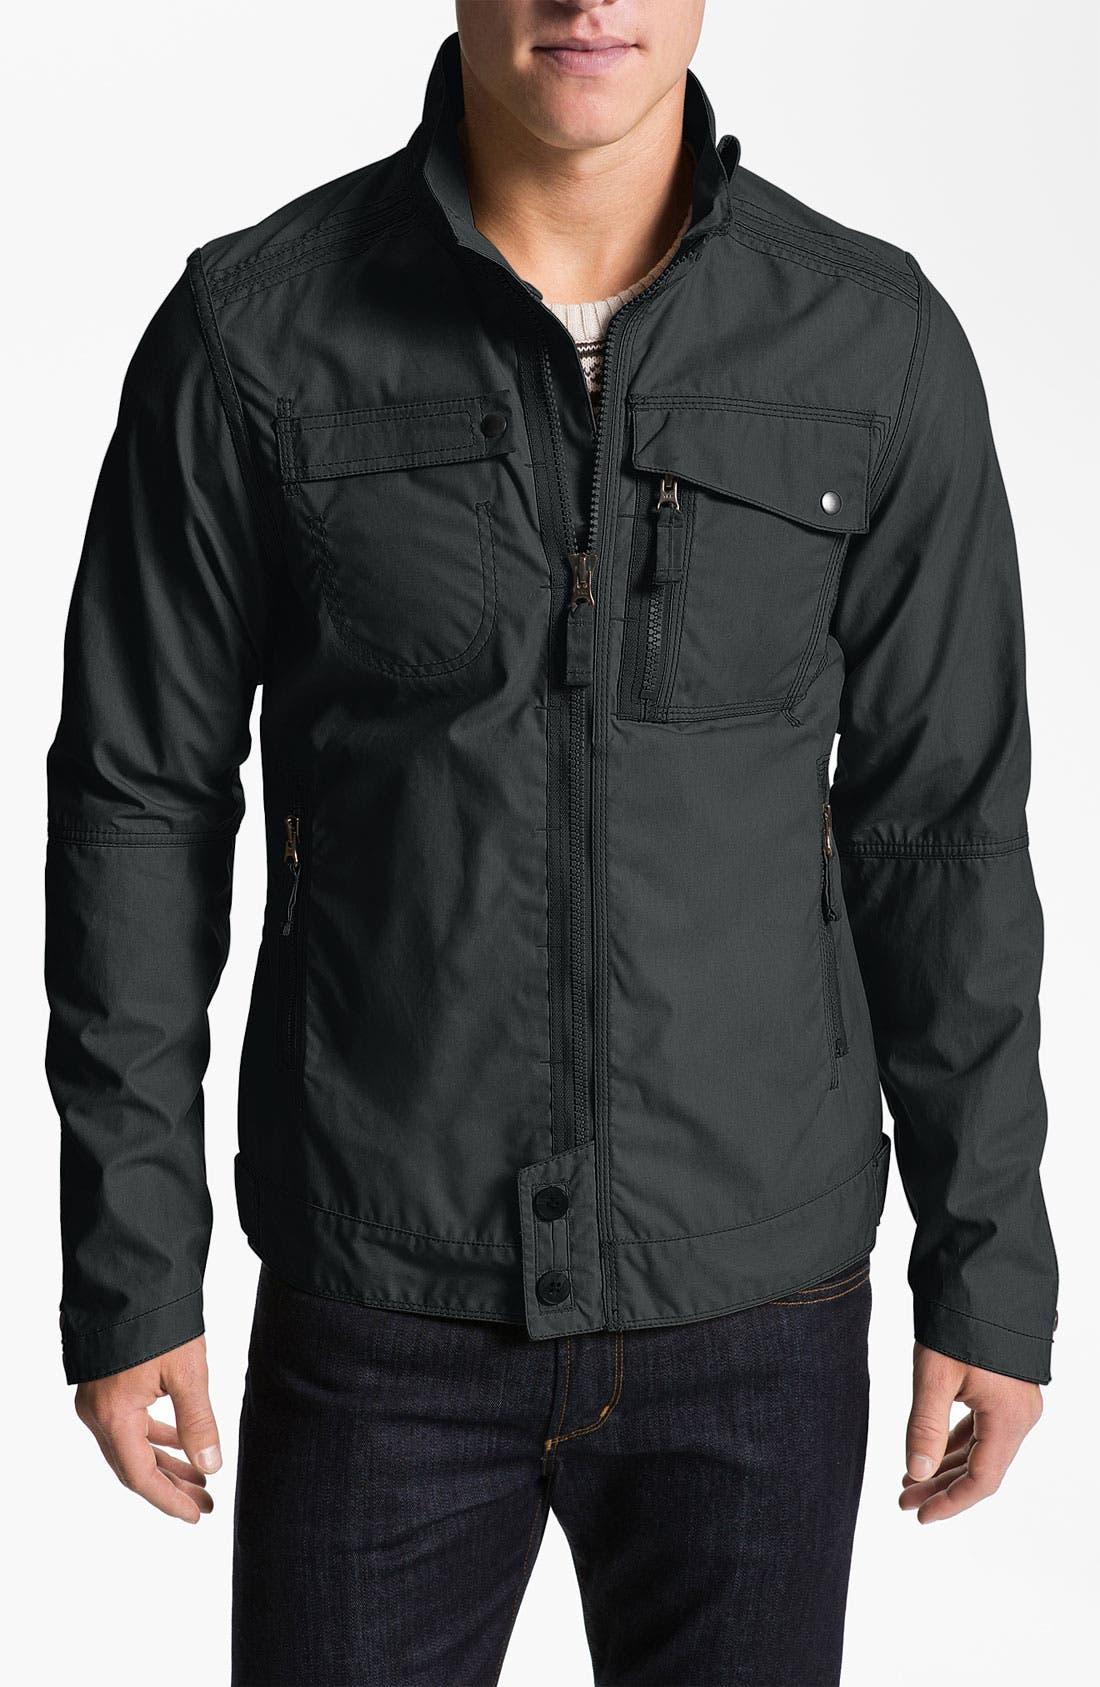 Alternate Image 1 Selected - Nau 'Rift' Jacket